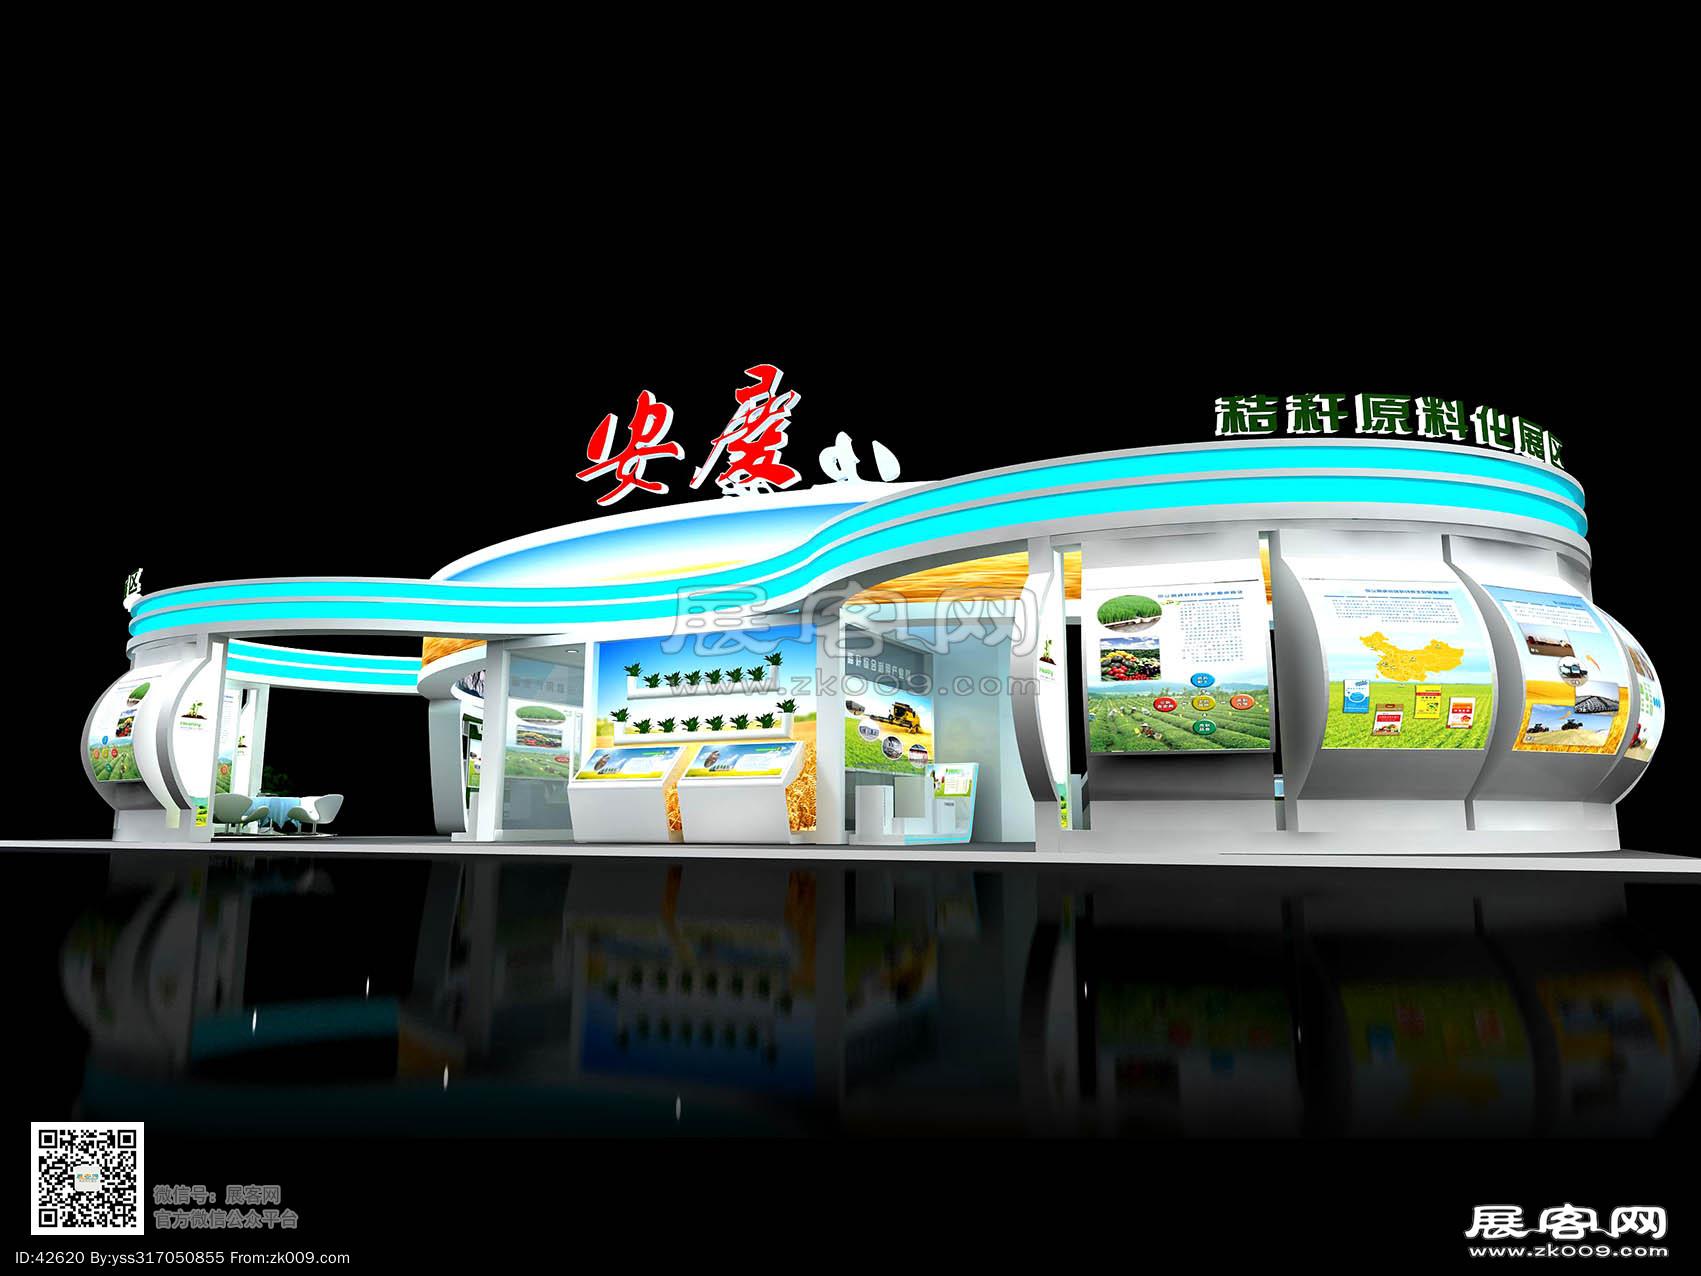 安庆政府展会